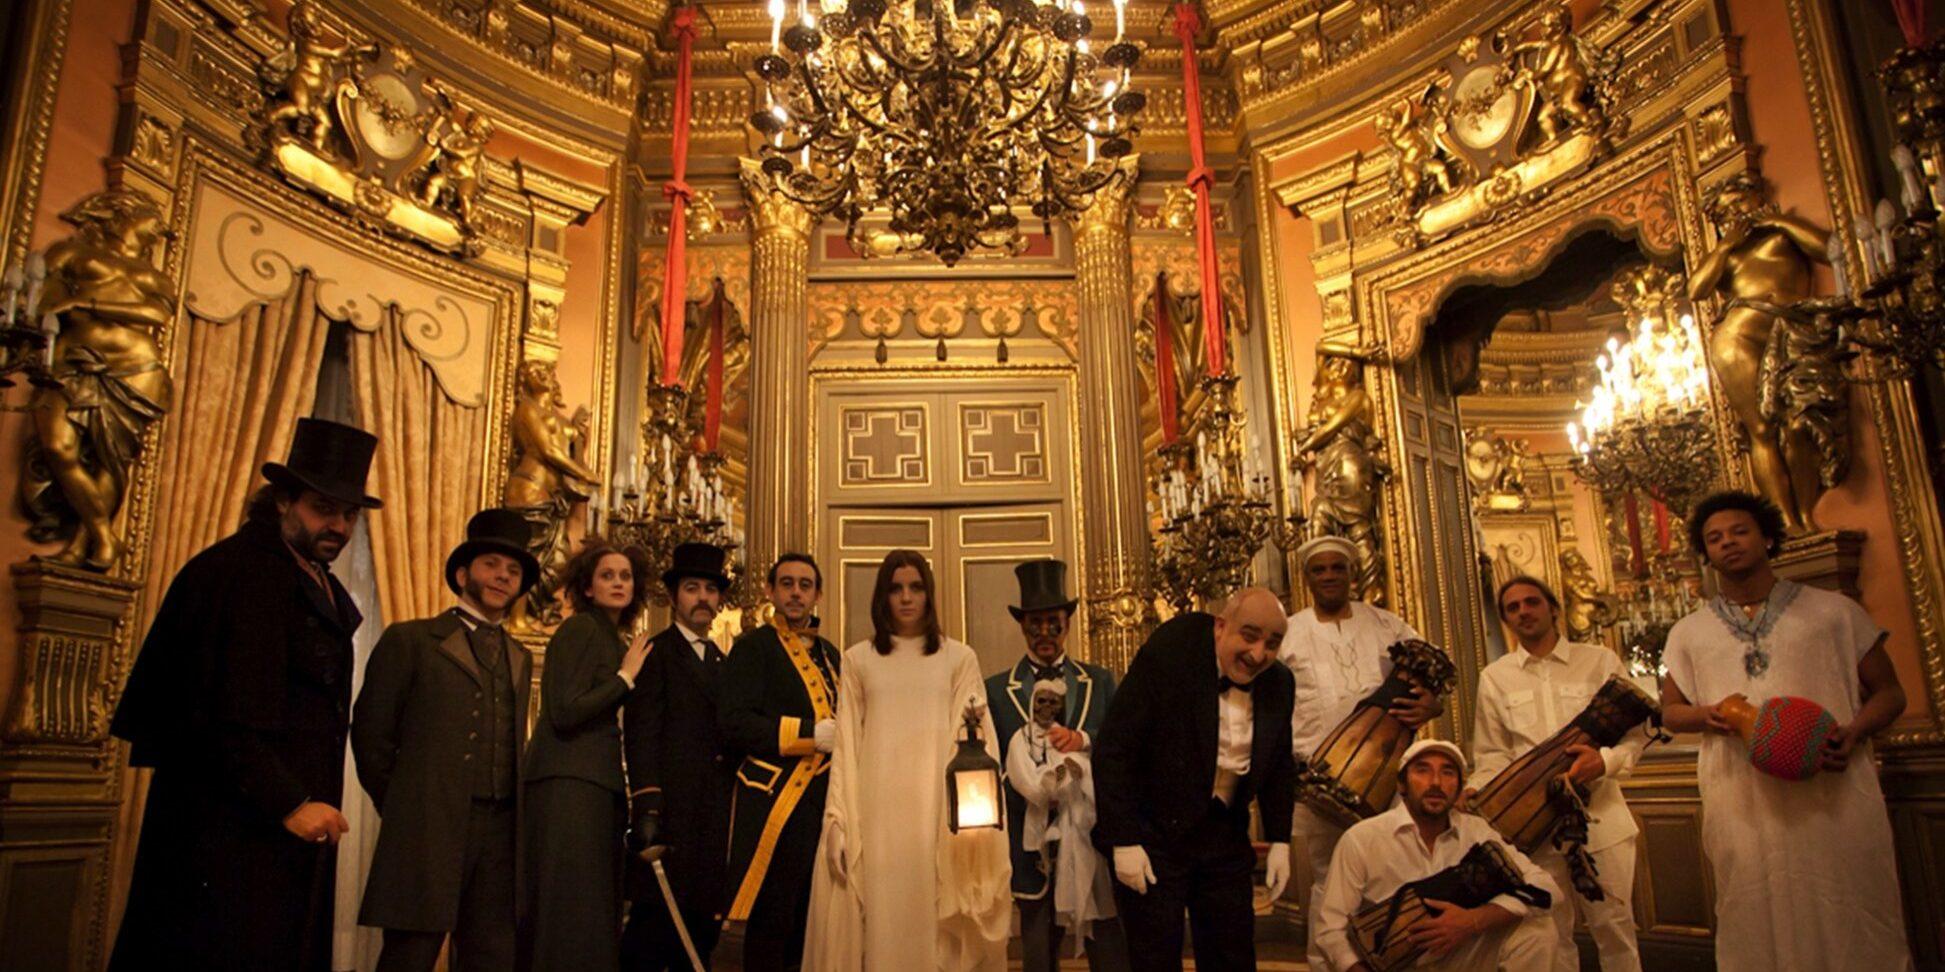 La puerta del Palacio de Linares esta abierta, ¿Entras?